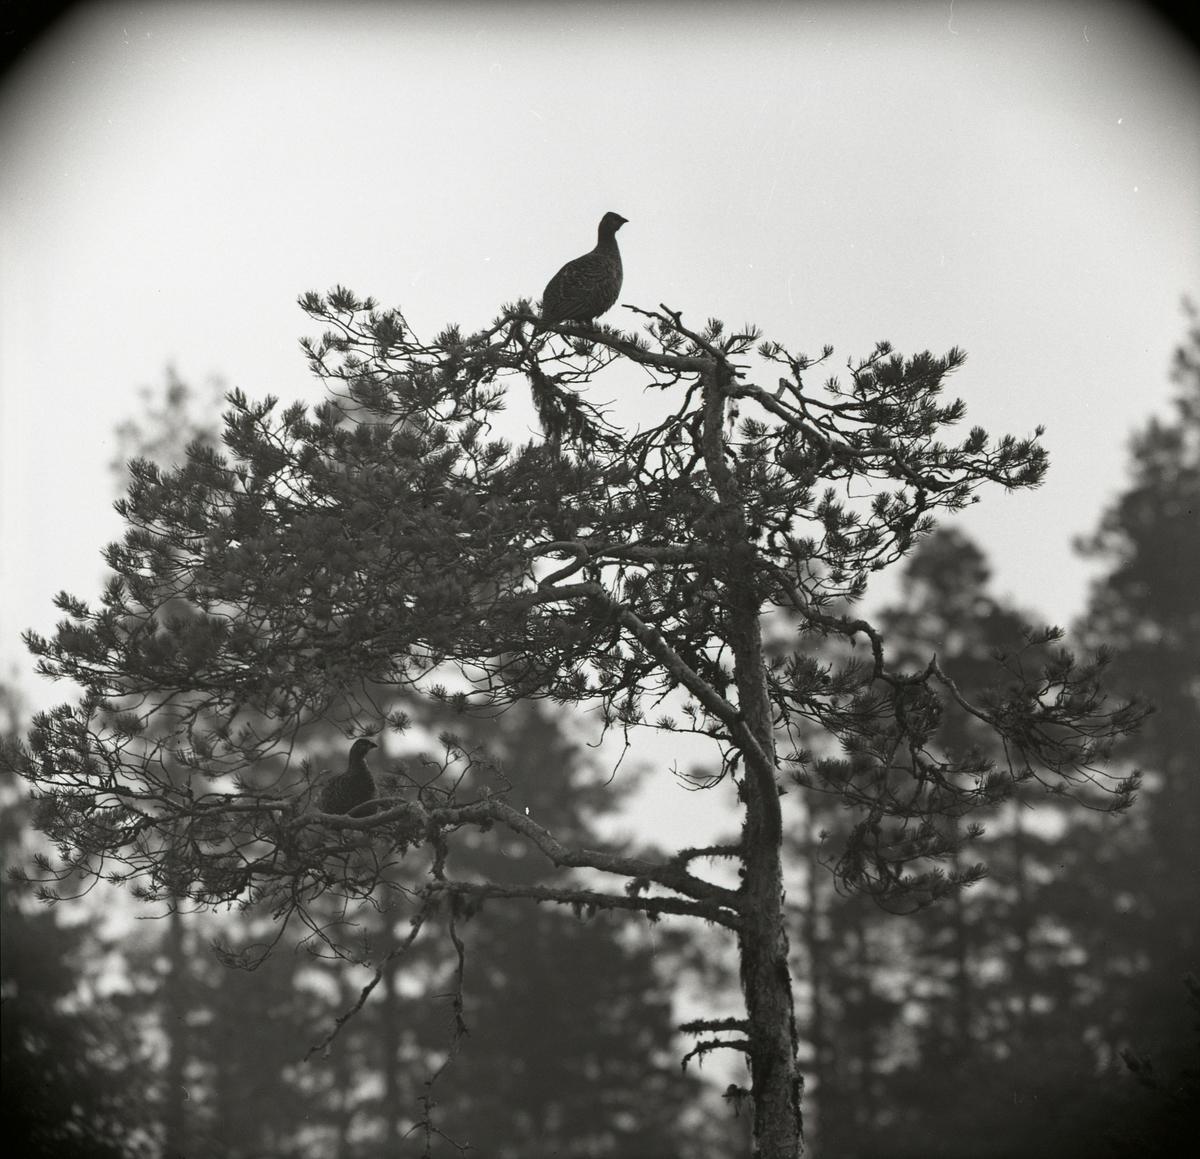 Två orrhönor i trädtopp den 30 april 1960.